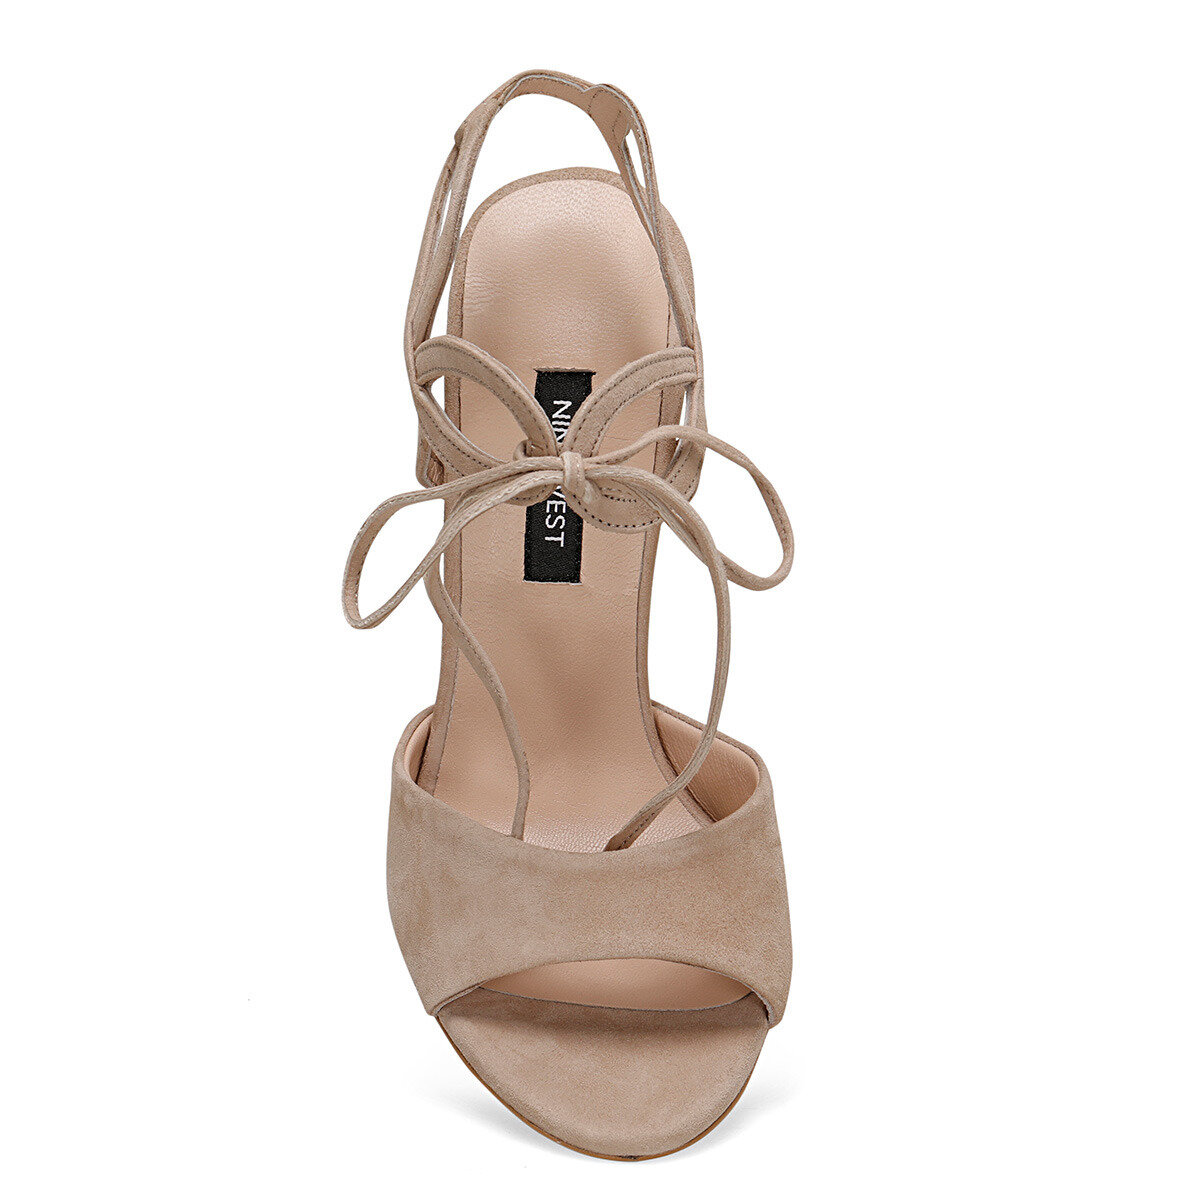 TRONE Bej Kadın Topuklu Sandalet